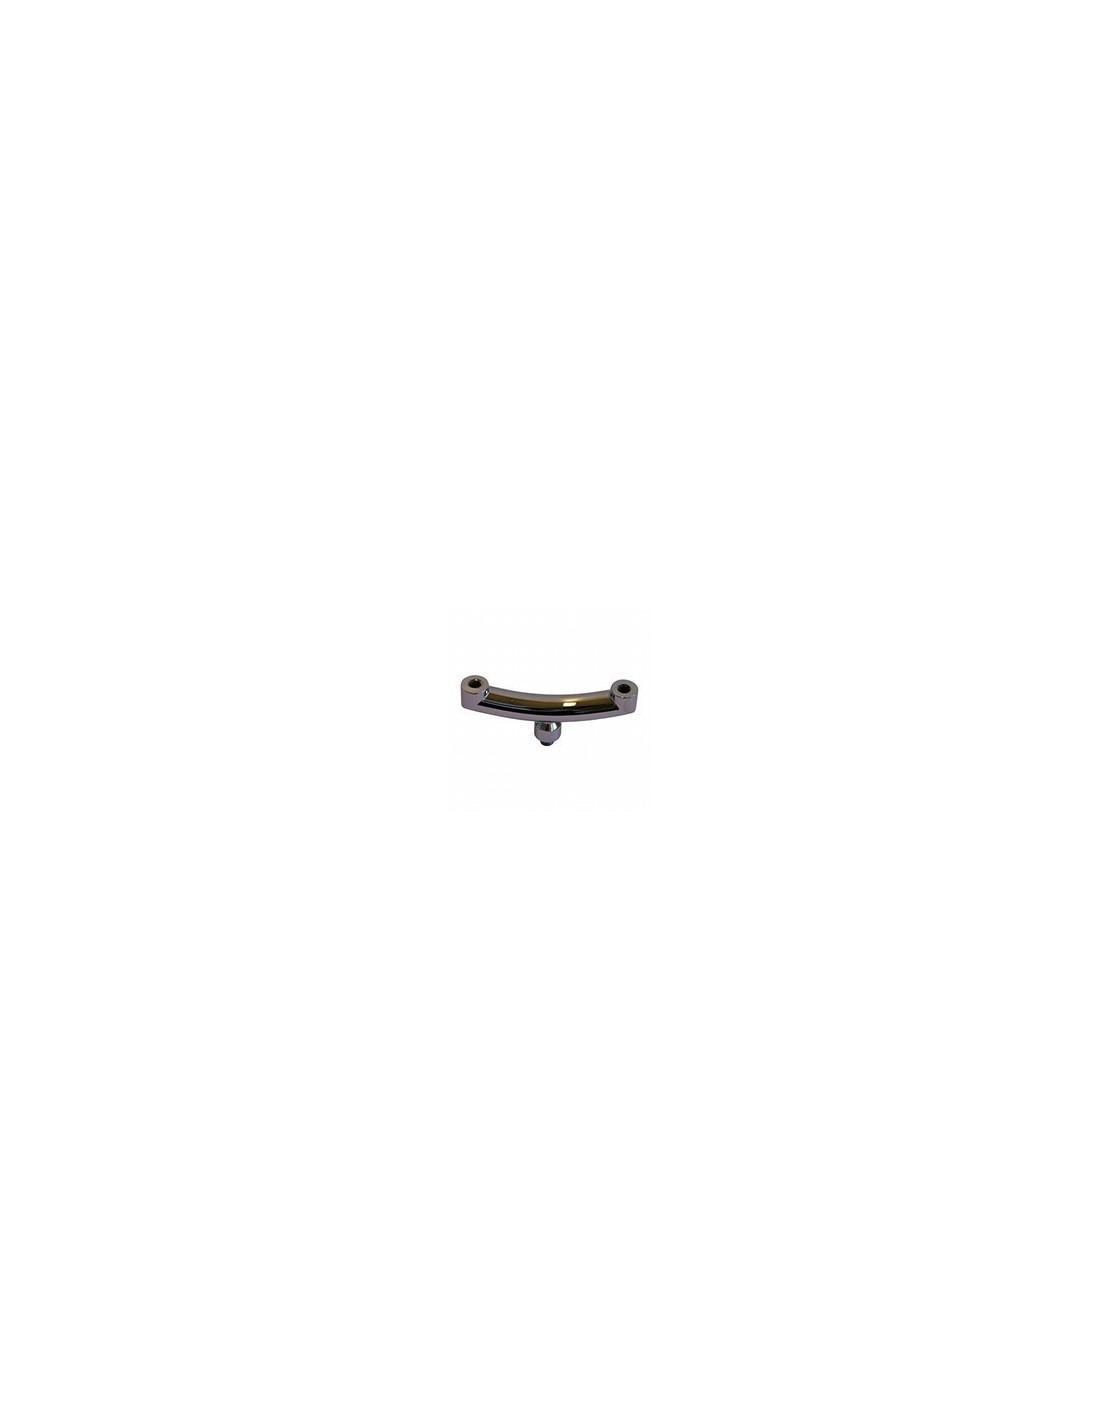 UPP00092 - Hållare för 2x märkbricka